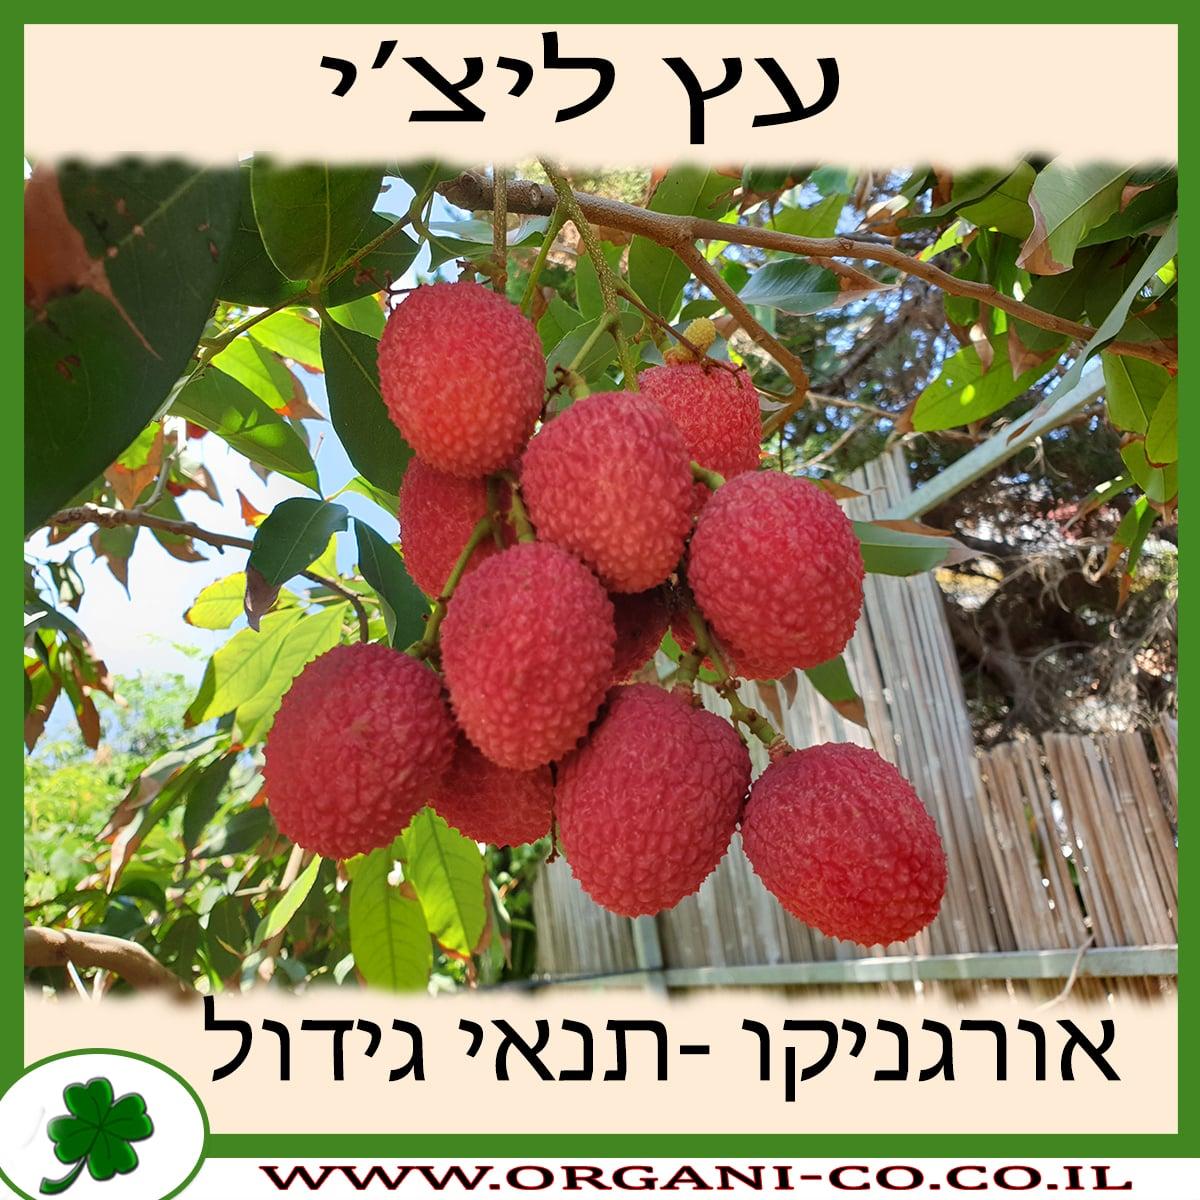 ליצ'י עץ תנאי גידול